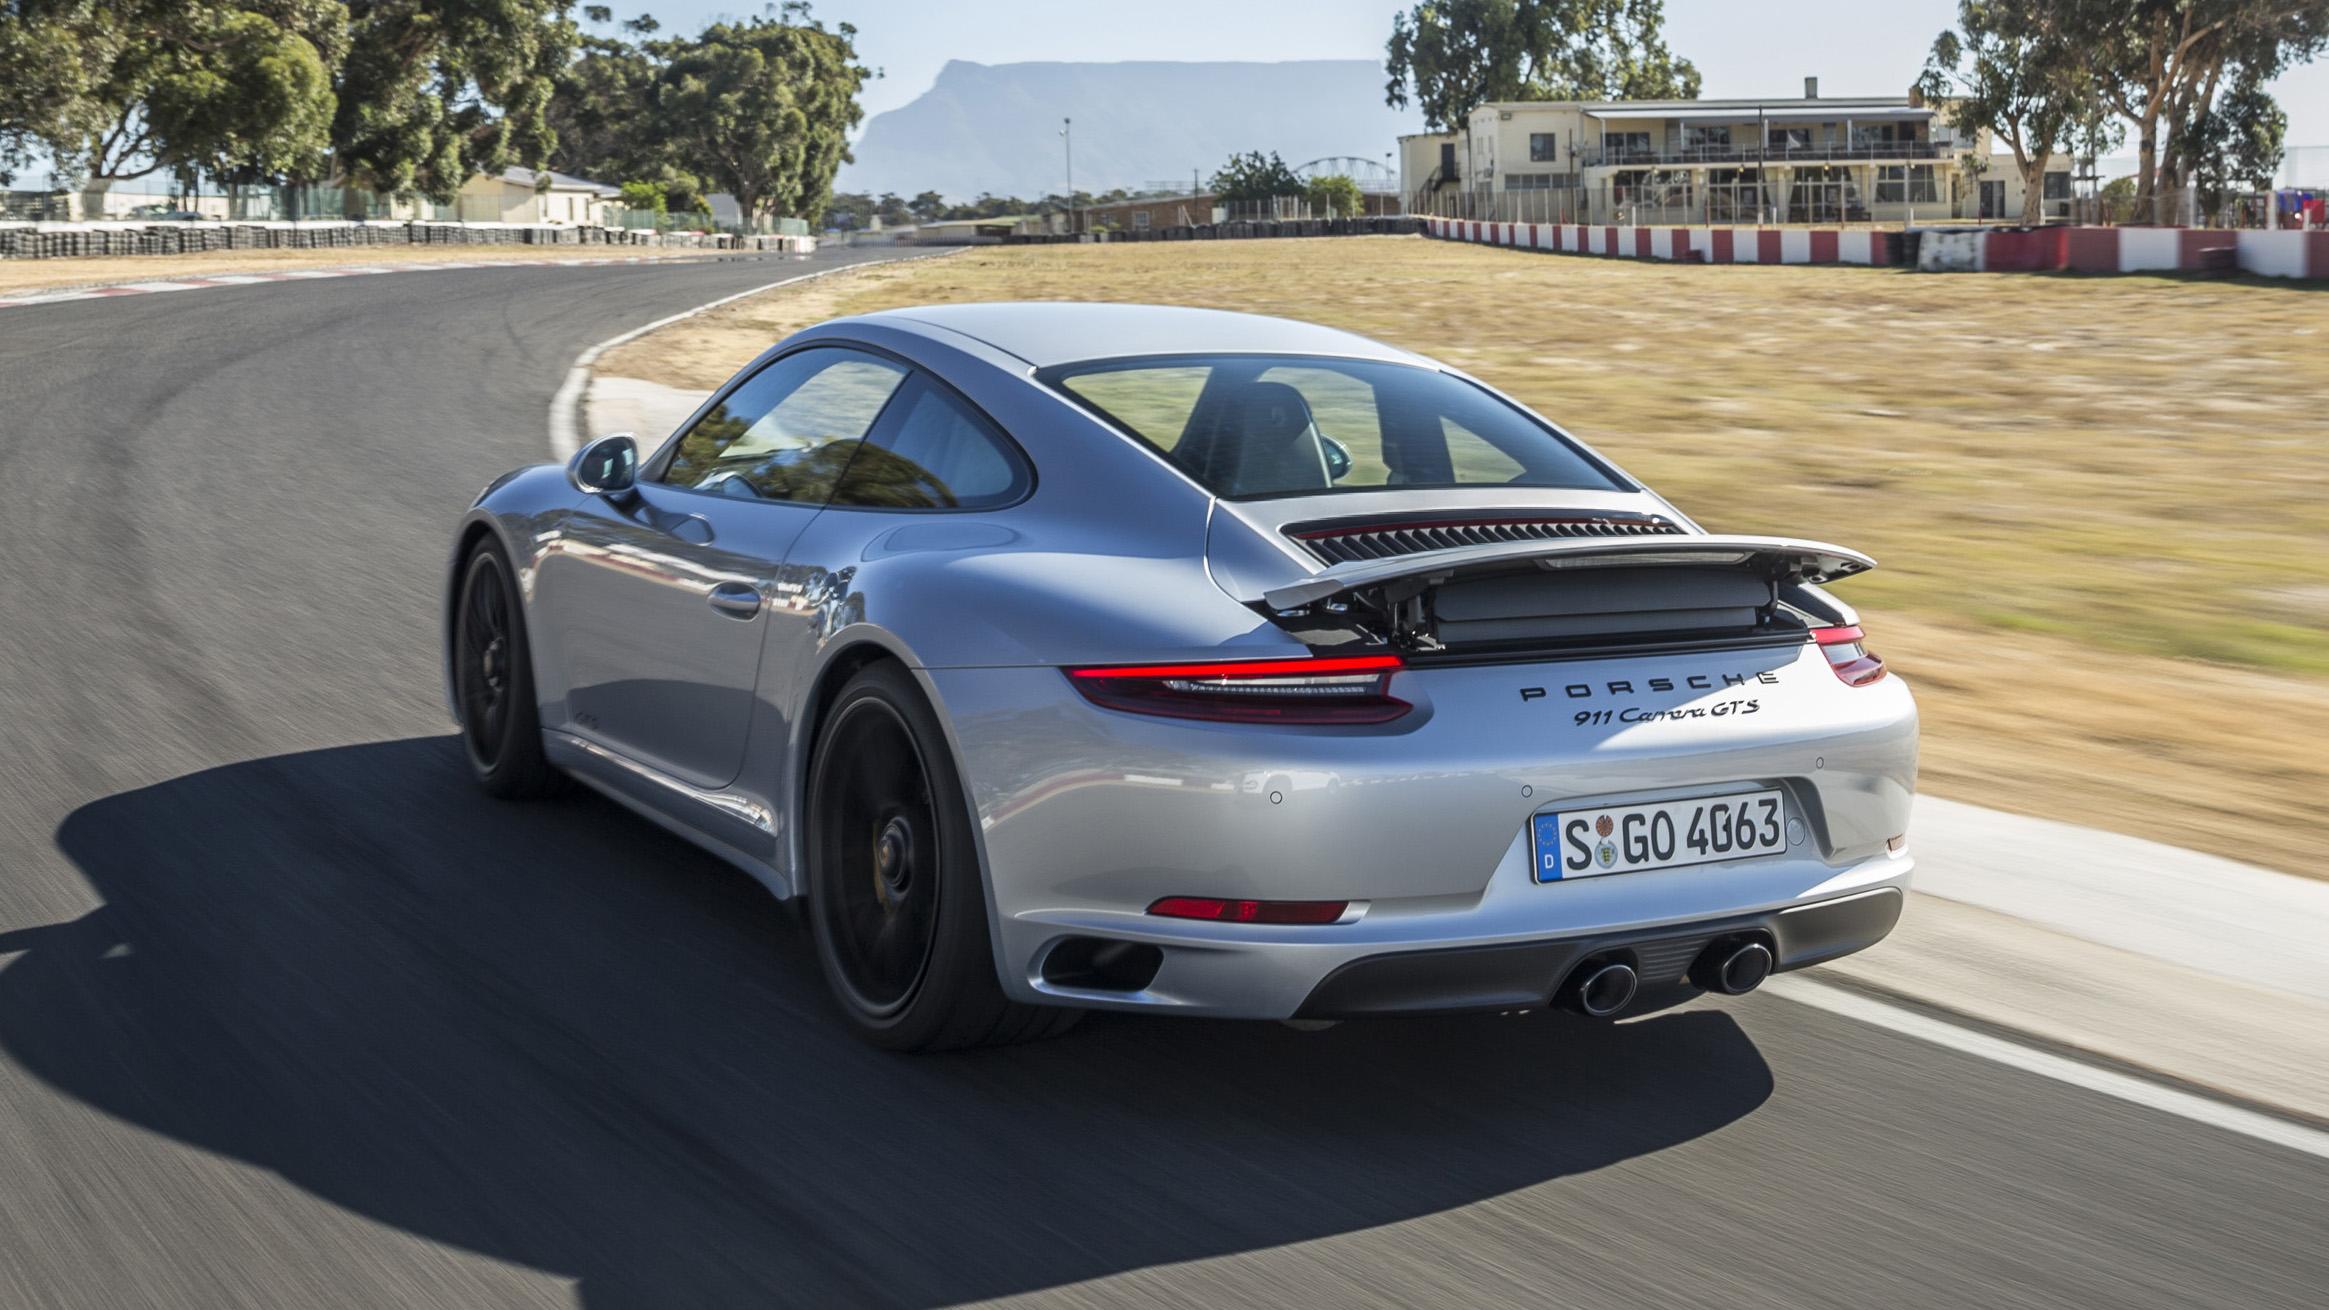 Porsche 911 GTS rear quarter